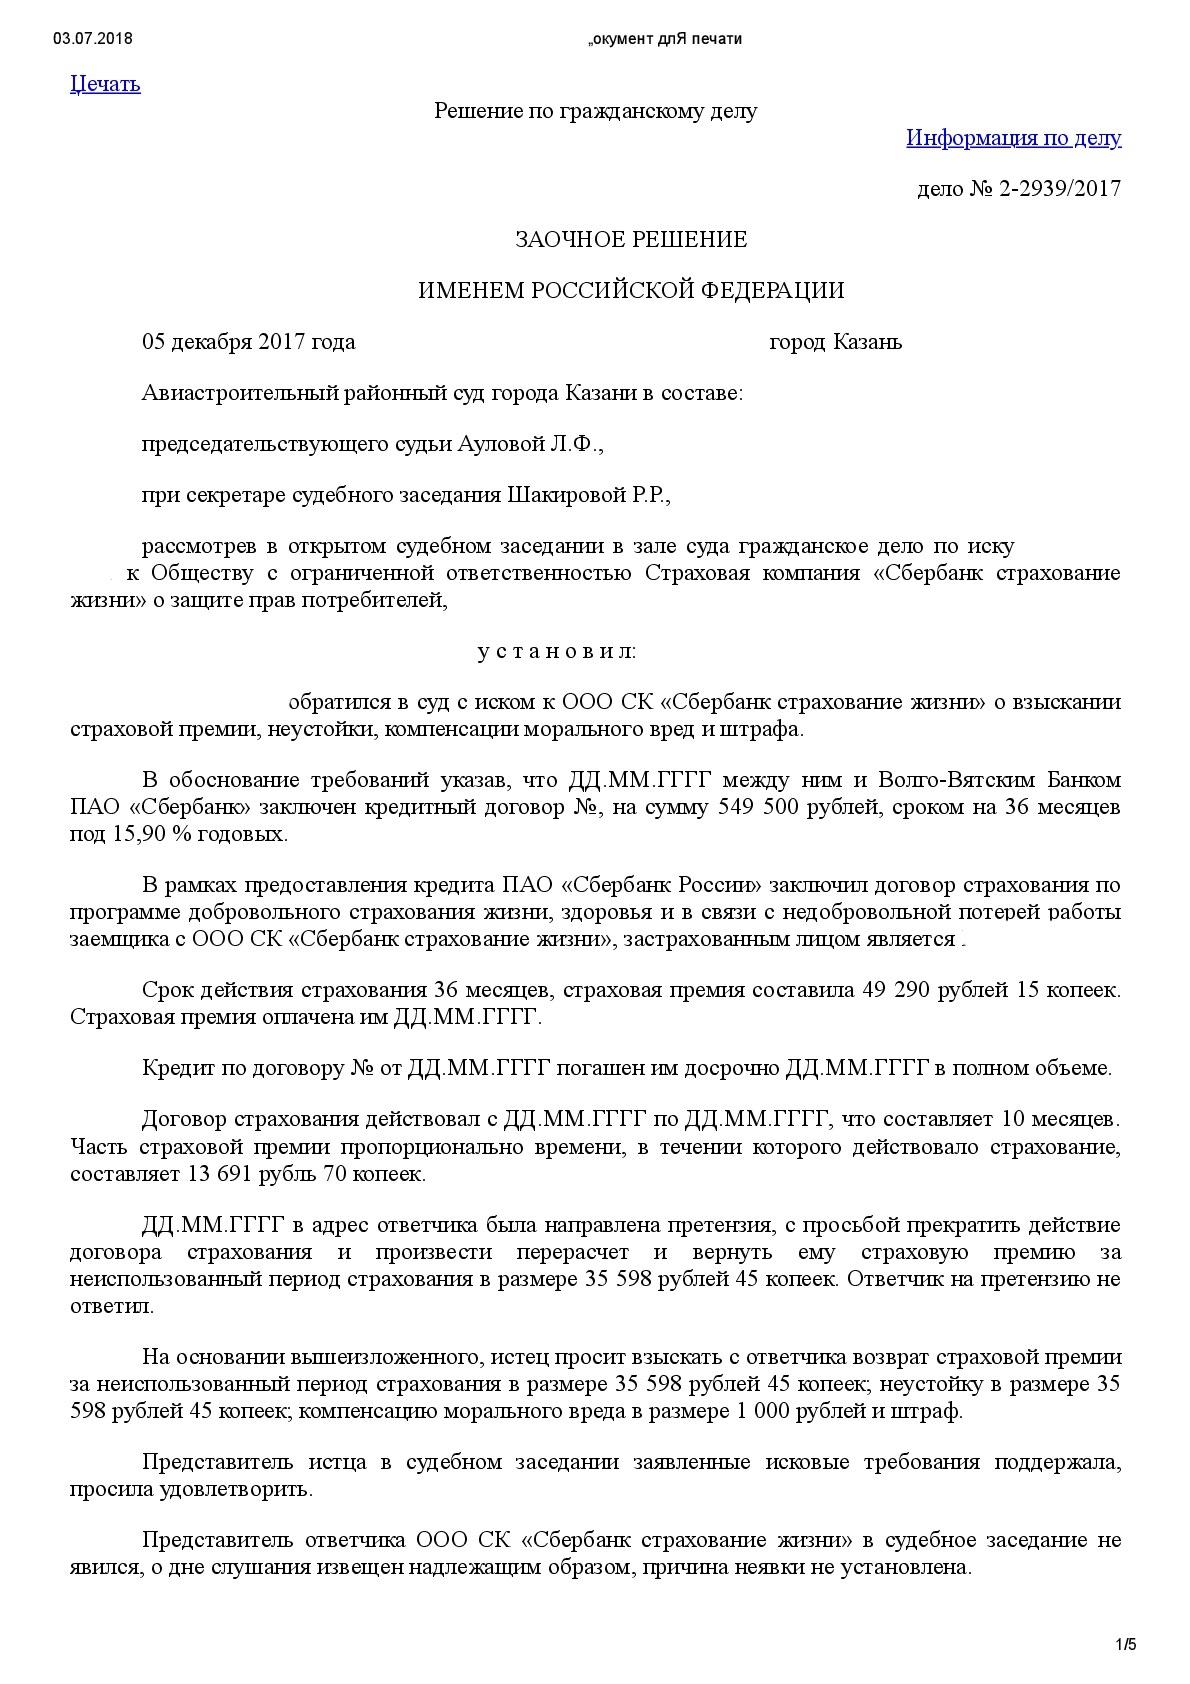 Договор аренды здания сооружения